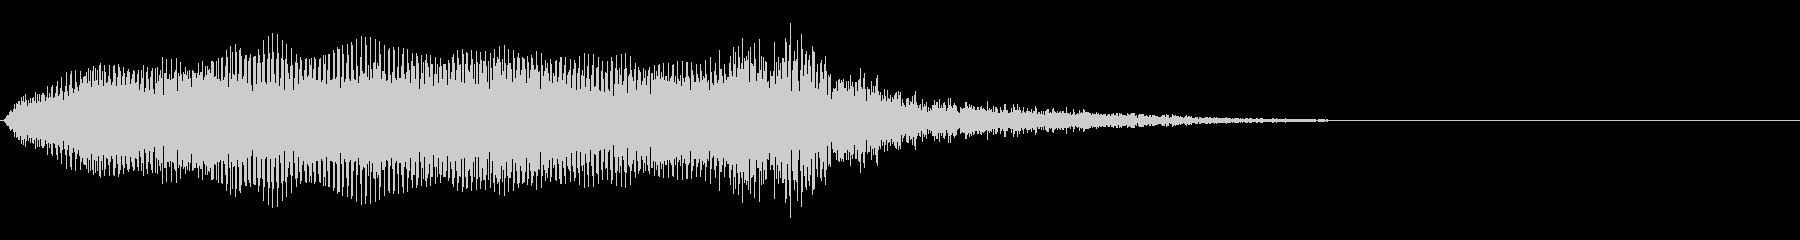 ドラマティックオーケストラアクセント1の未再生の波形